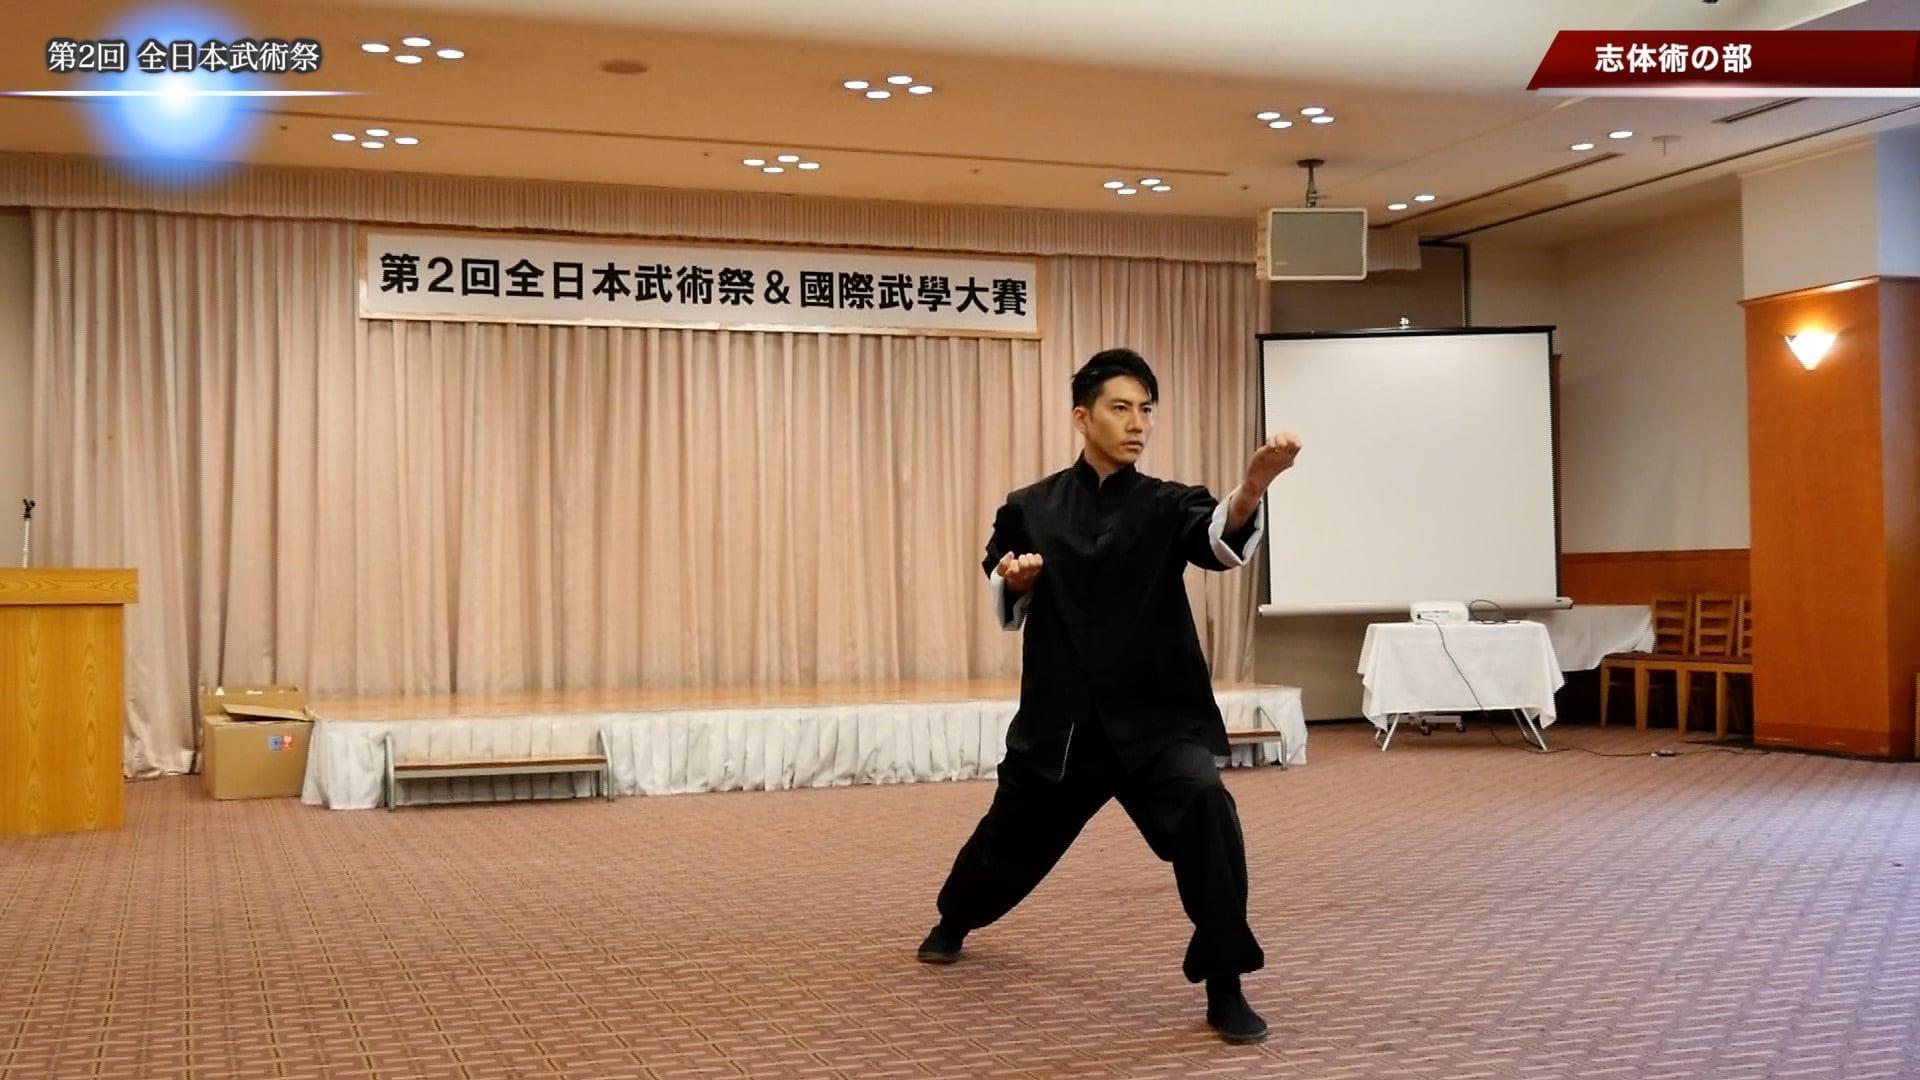 第2回全日本武術祭 オンライン動画のイメージその1